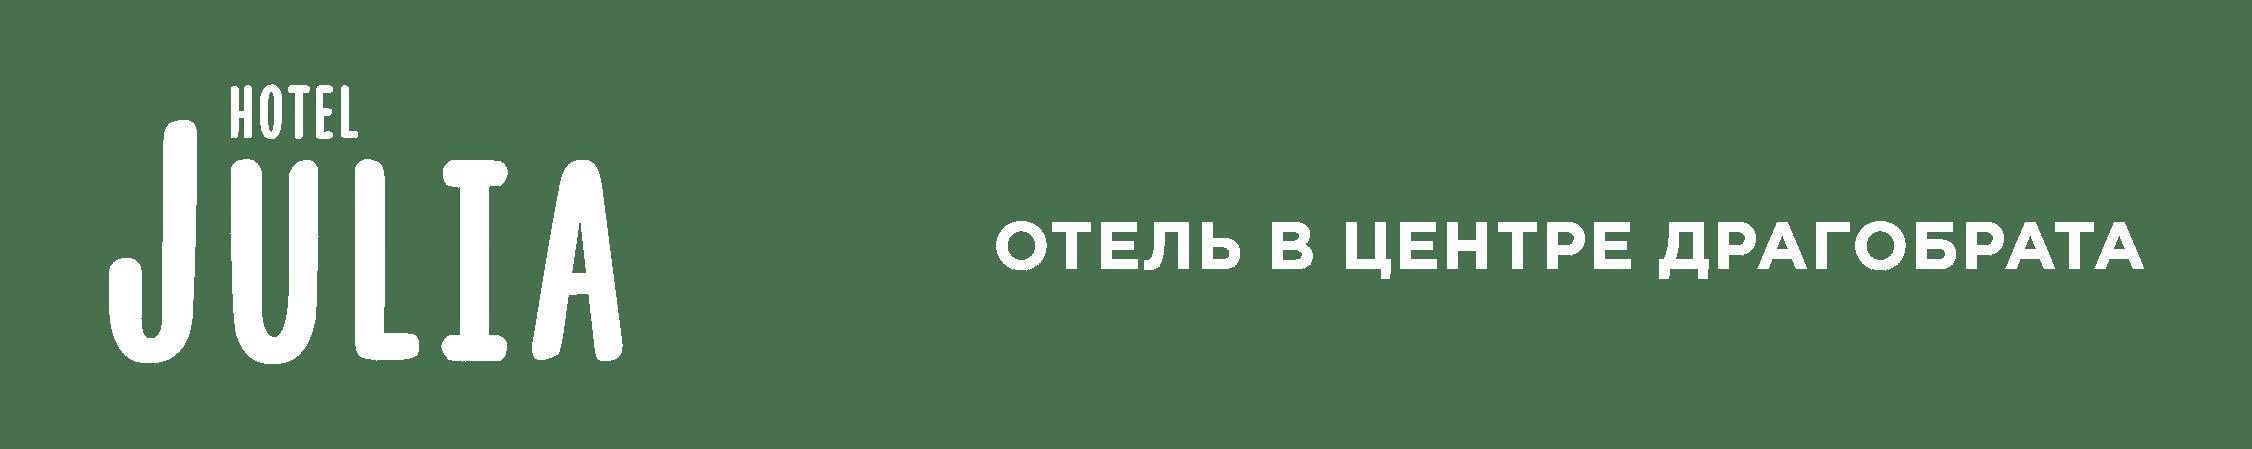 logo копия_